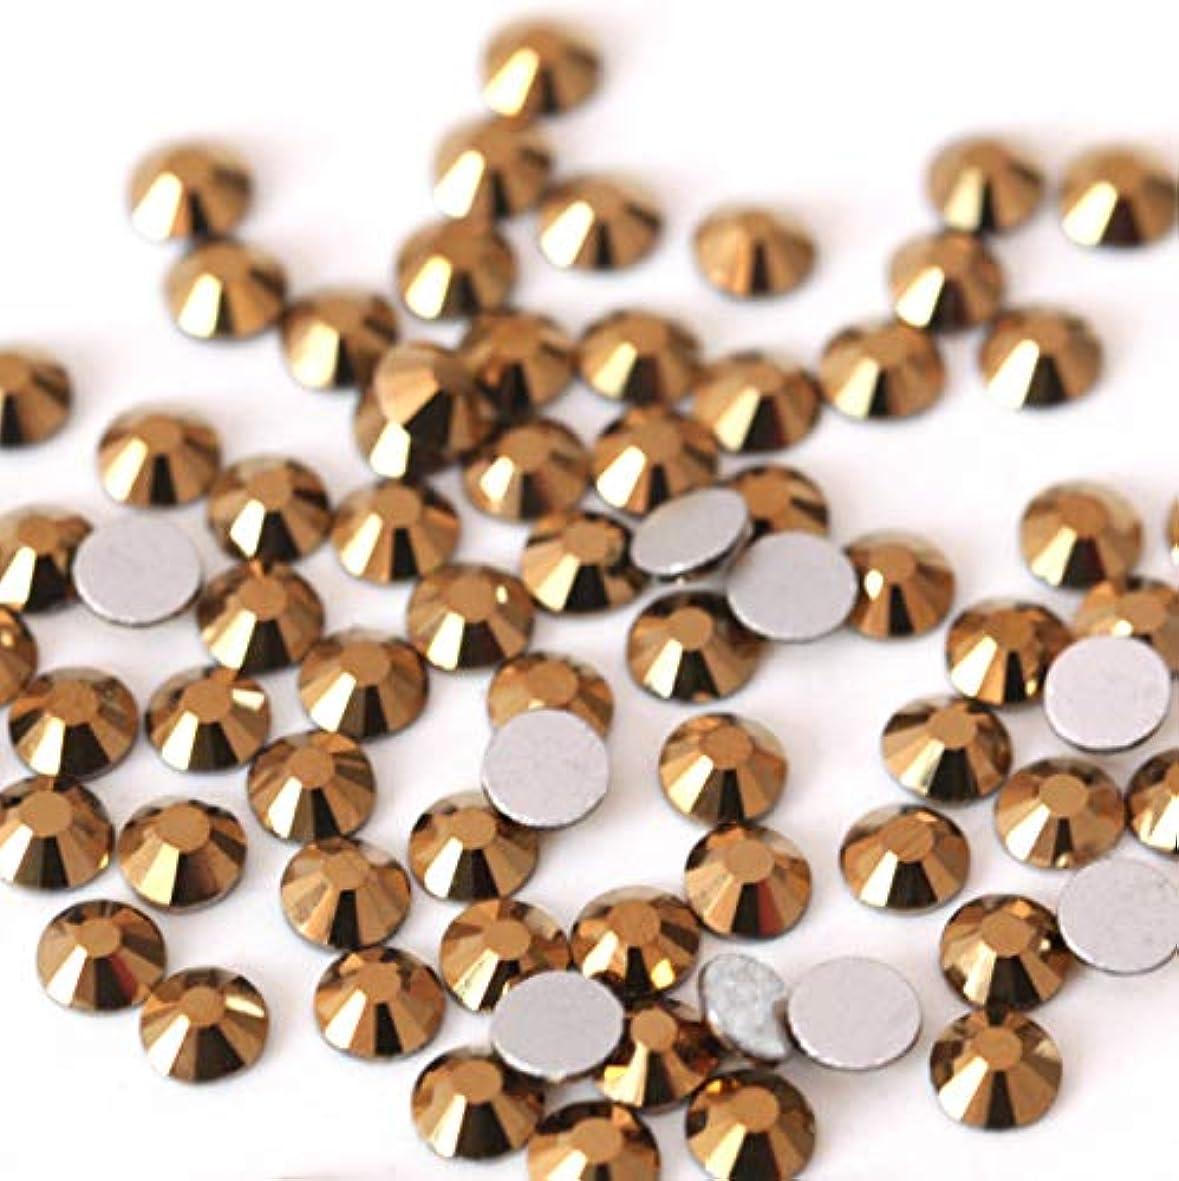 コマンド発行させる【ラインストーン77】 ガラス製ラインストーン ゴールドマイン 各サイズ選択可能 スワロフスキー同等 (SS6 約200粒)